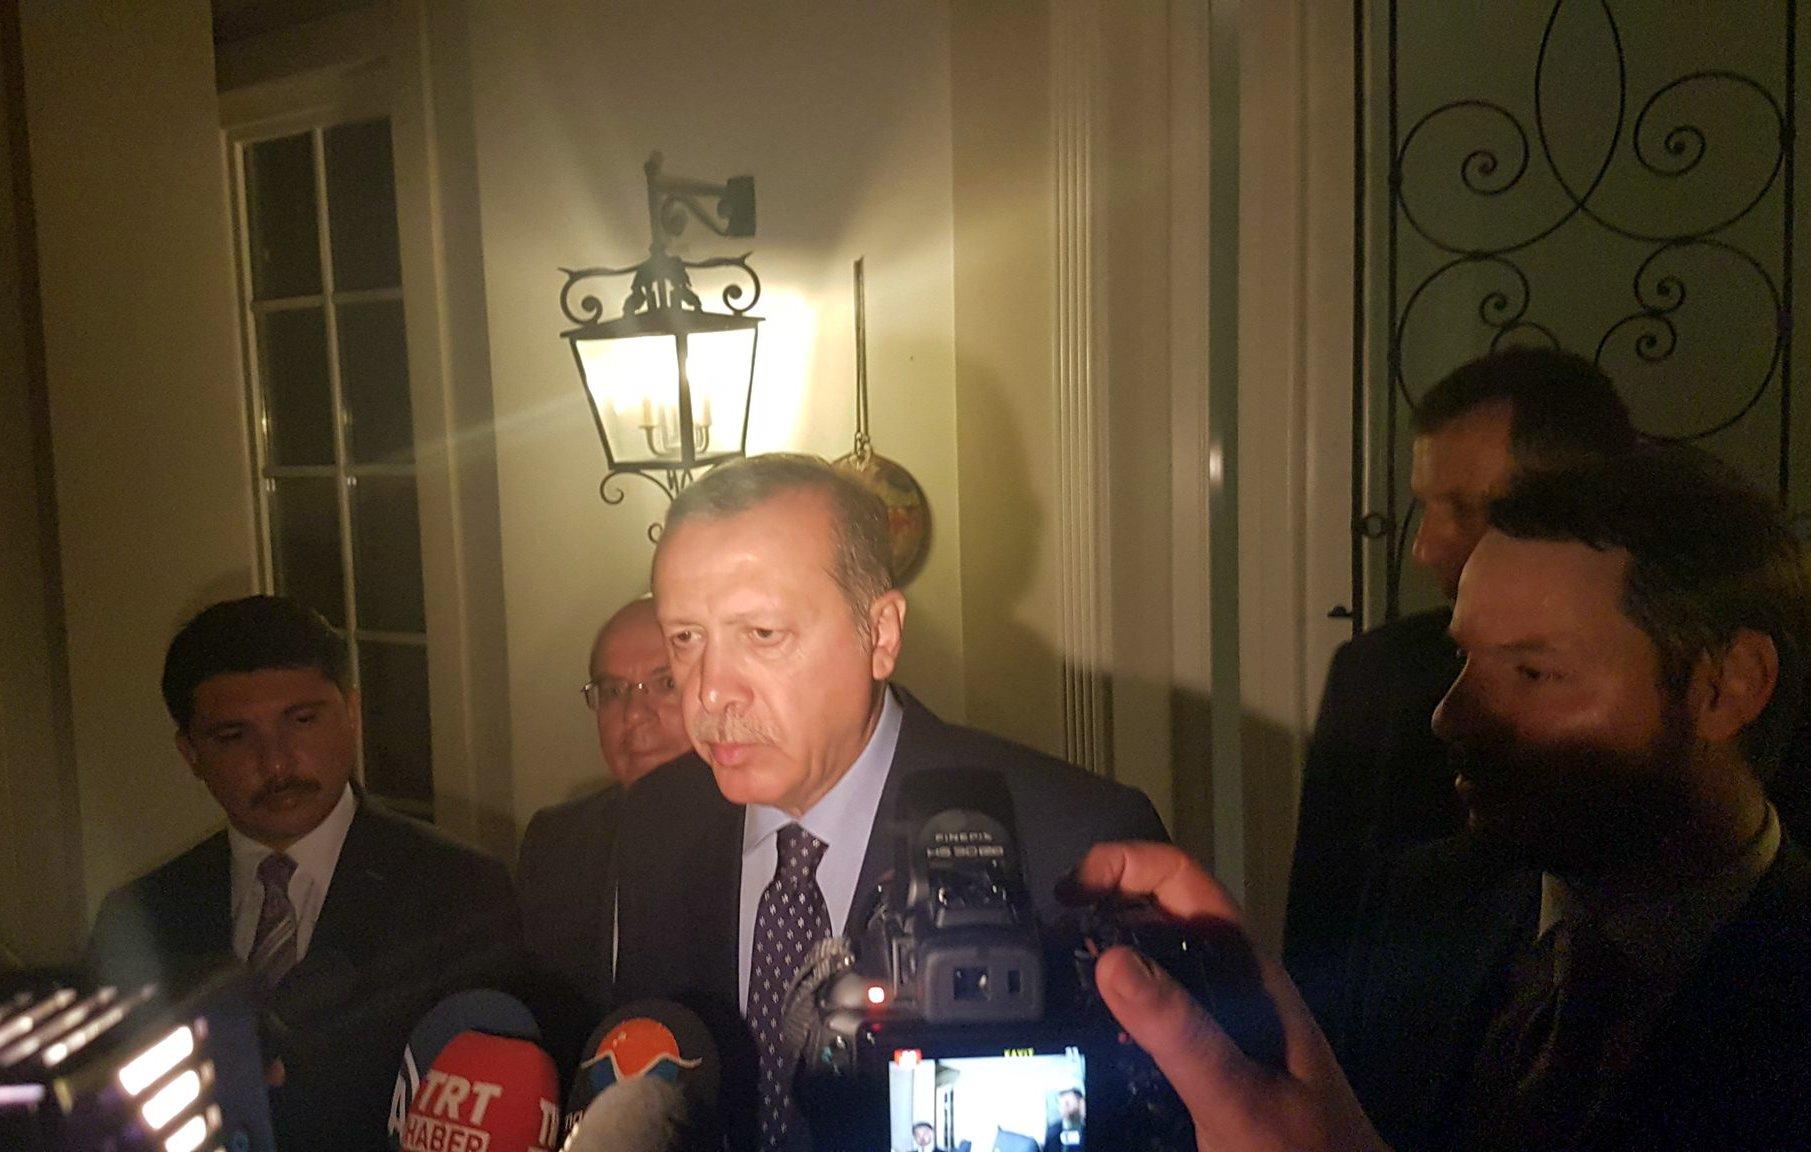 أردوغان يلقي بيان إنتهاء الأنقلاب المزعوم ويتعهد بتطهير الجيش